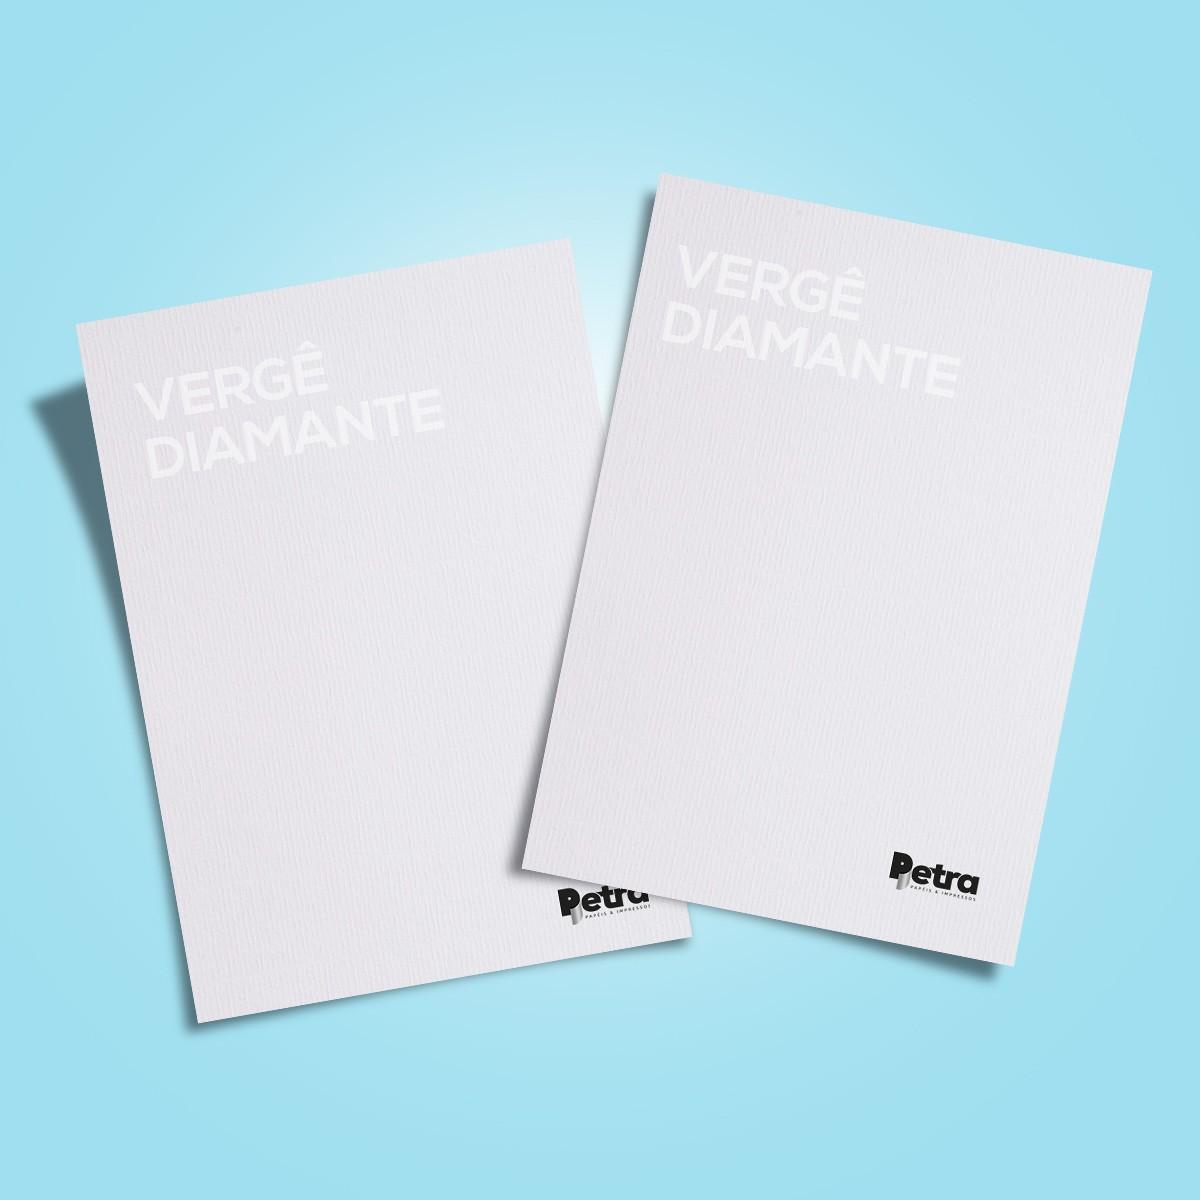 Papel Vergê Diamante ( branco ) Tam: A4 180g/m² - 50 Folhas